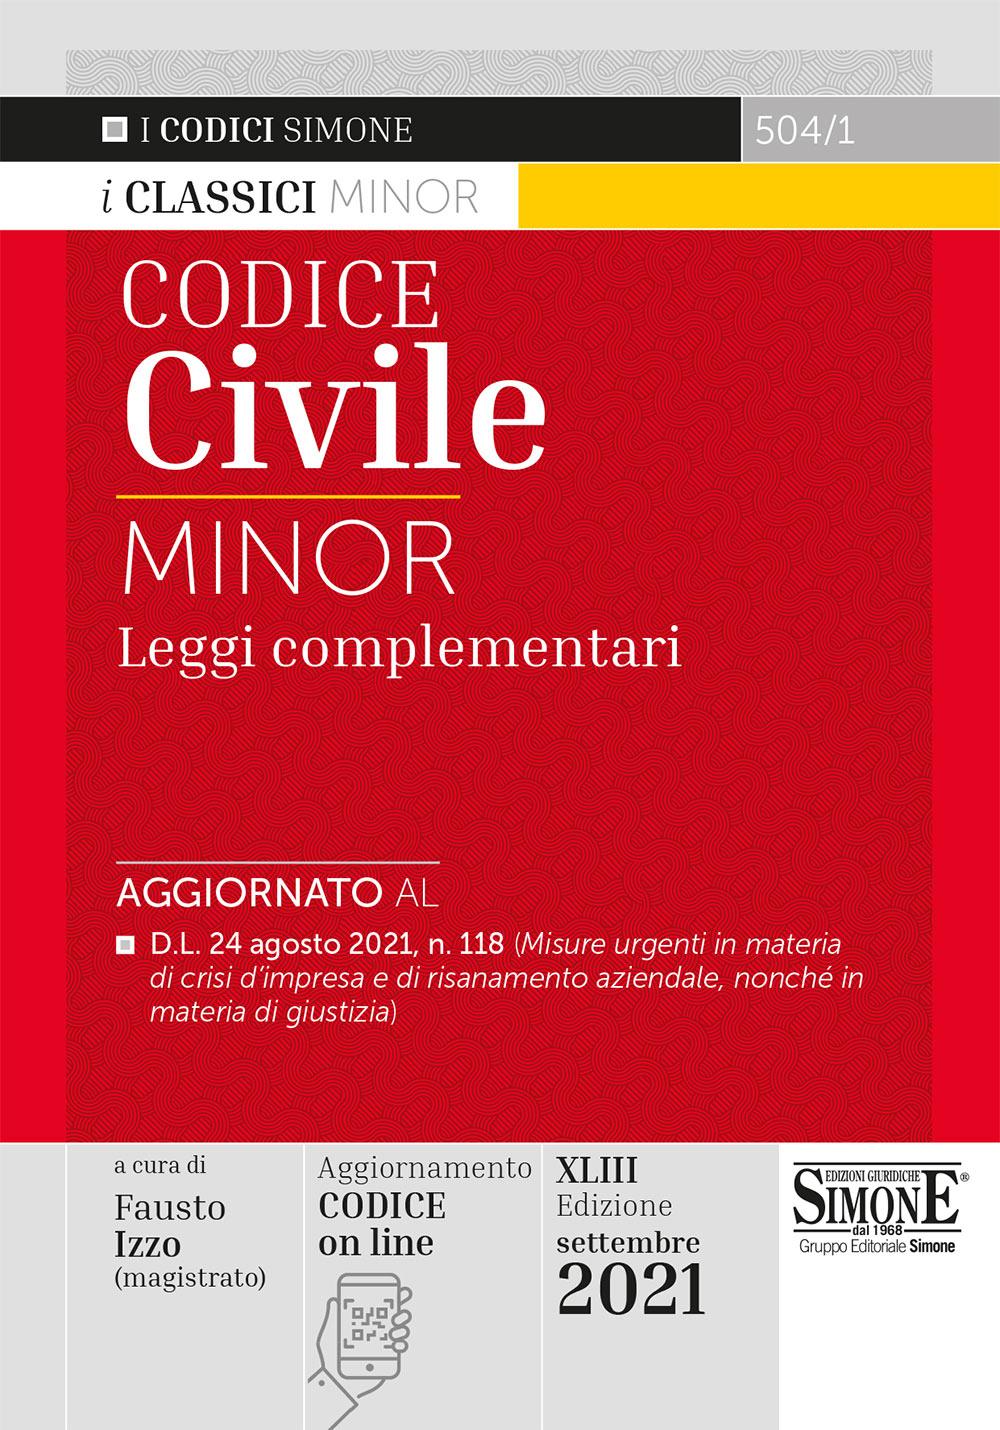 Codice Civile Minor 2021